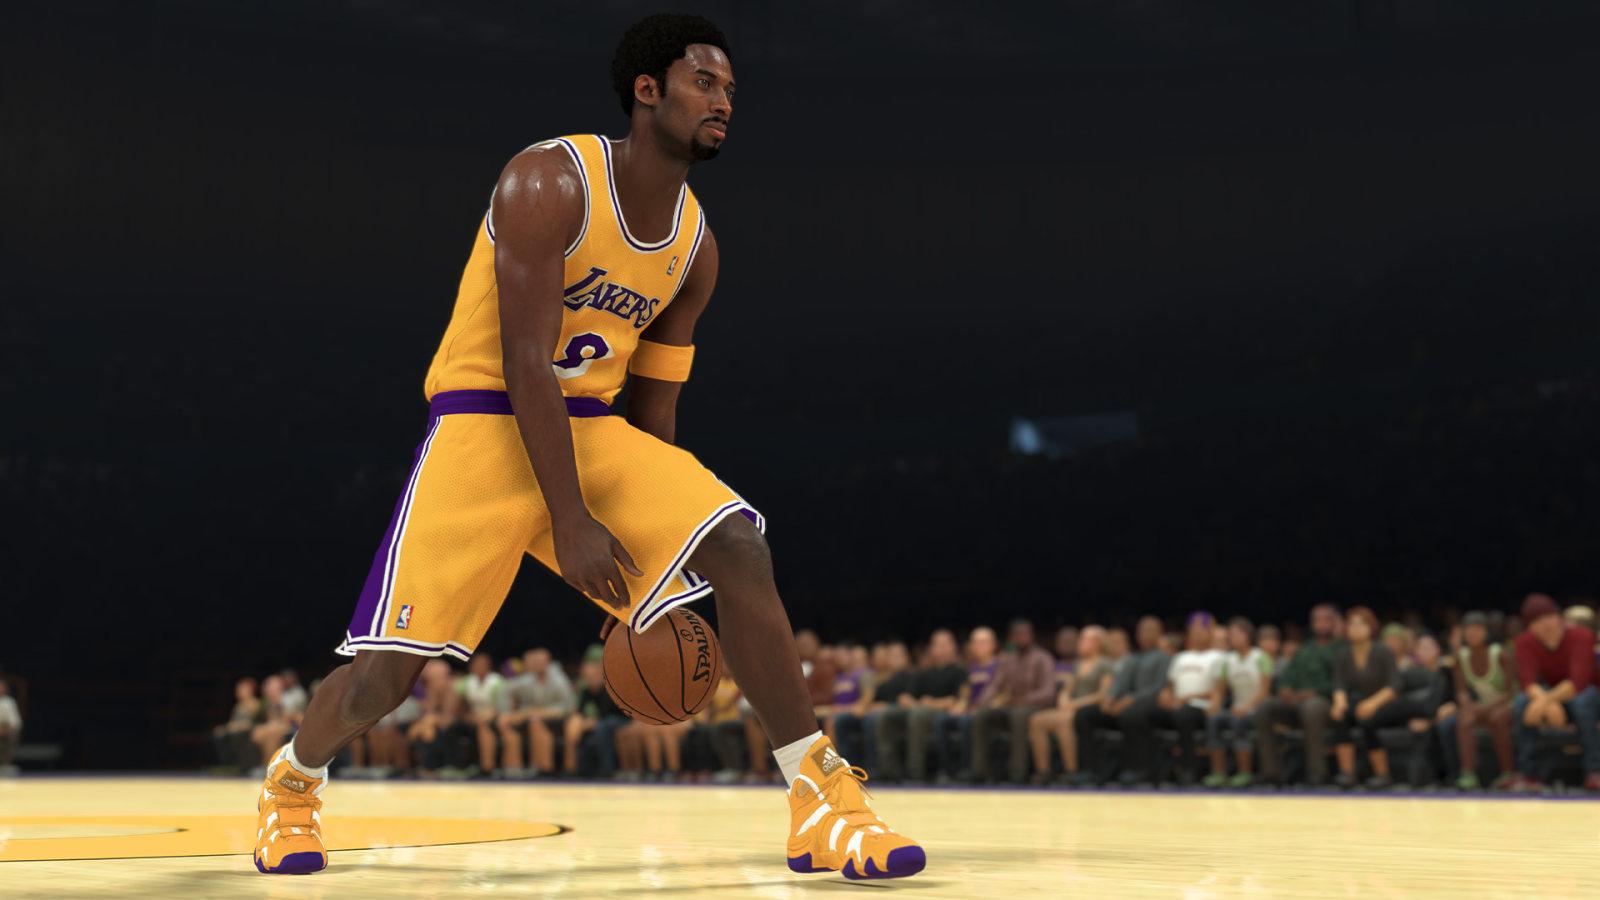 本世代版本《NBA 2K21》试玩版现已开放下载